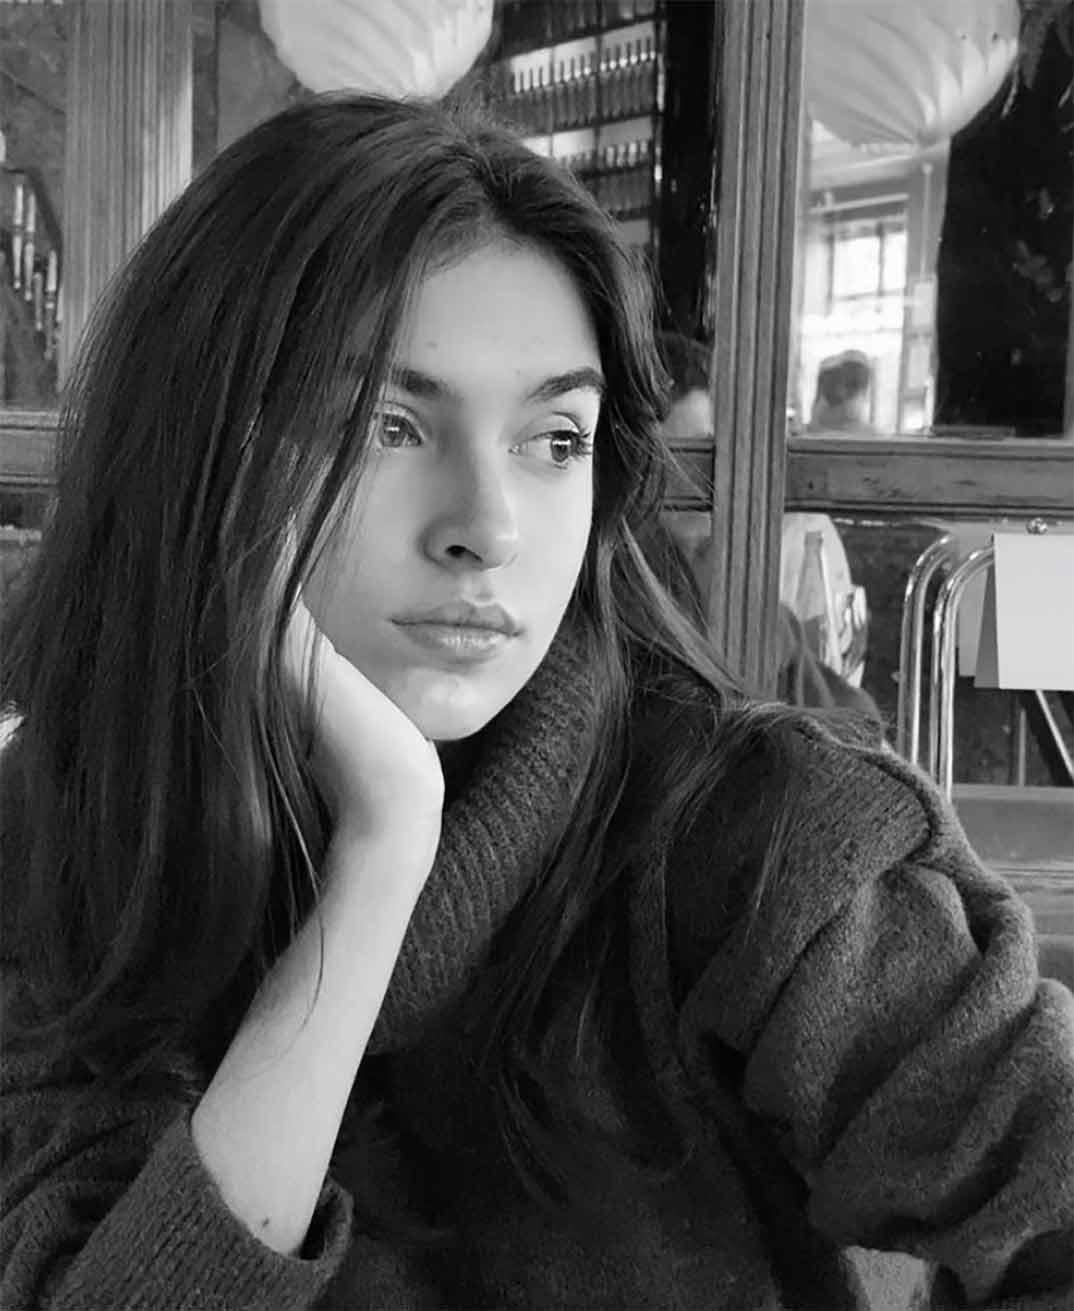 Lucía Rivera @luciariveraromero/Instagram